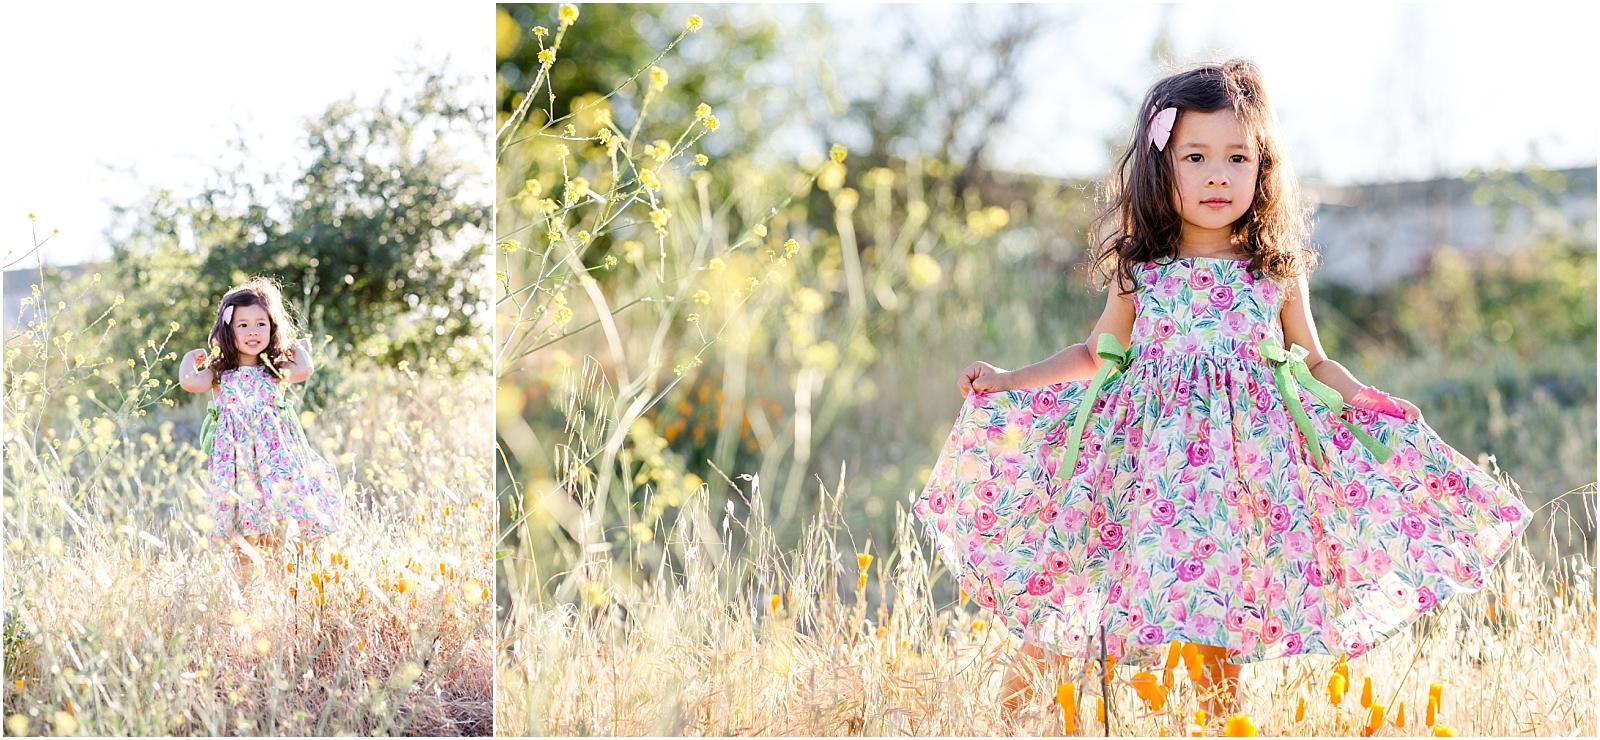 Girl in hand-sewn dress twirling in wildflower field